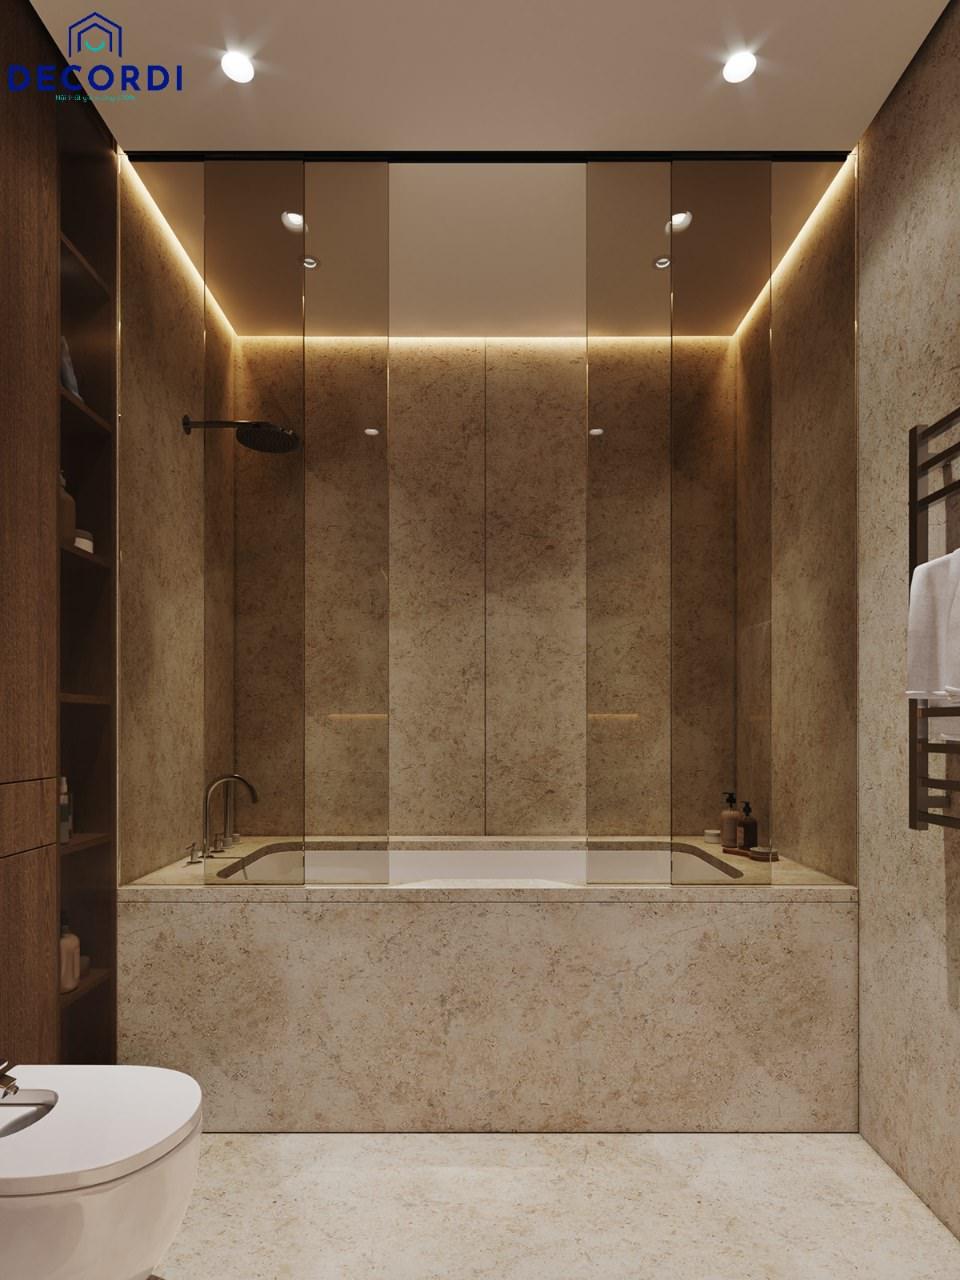 12. Op da tuong toilet 2